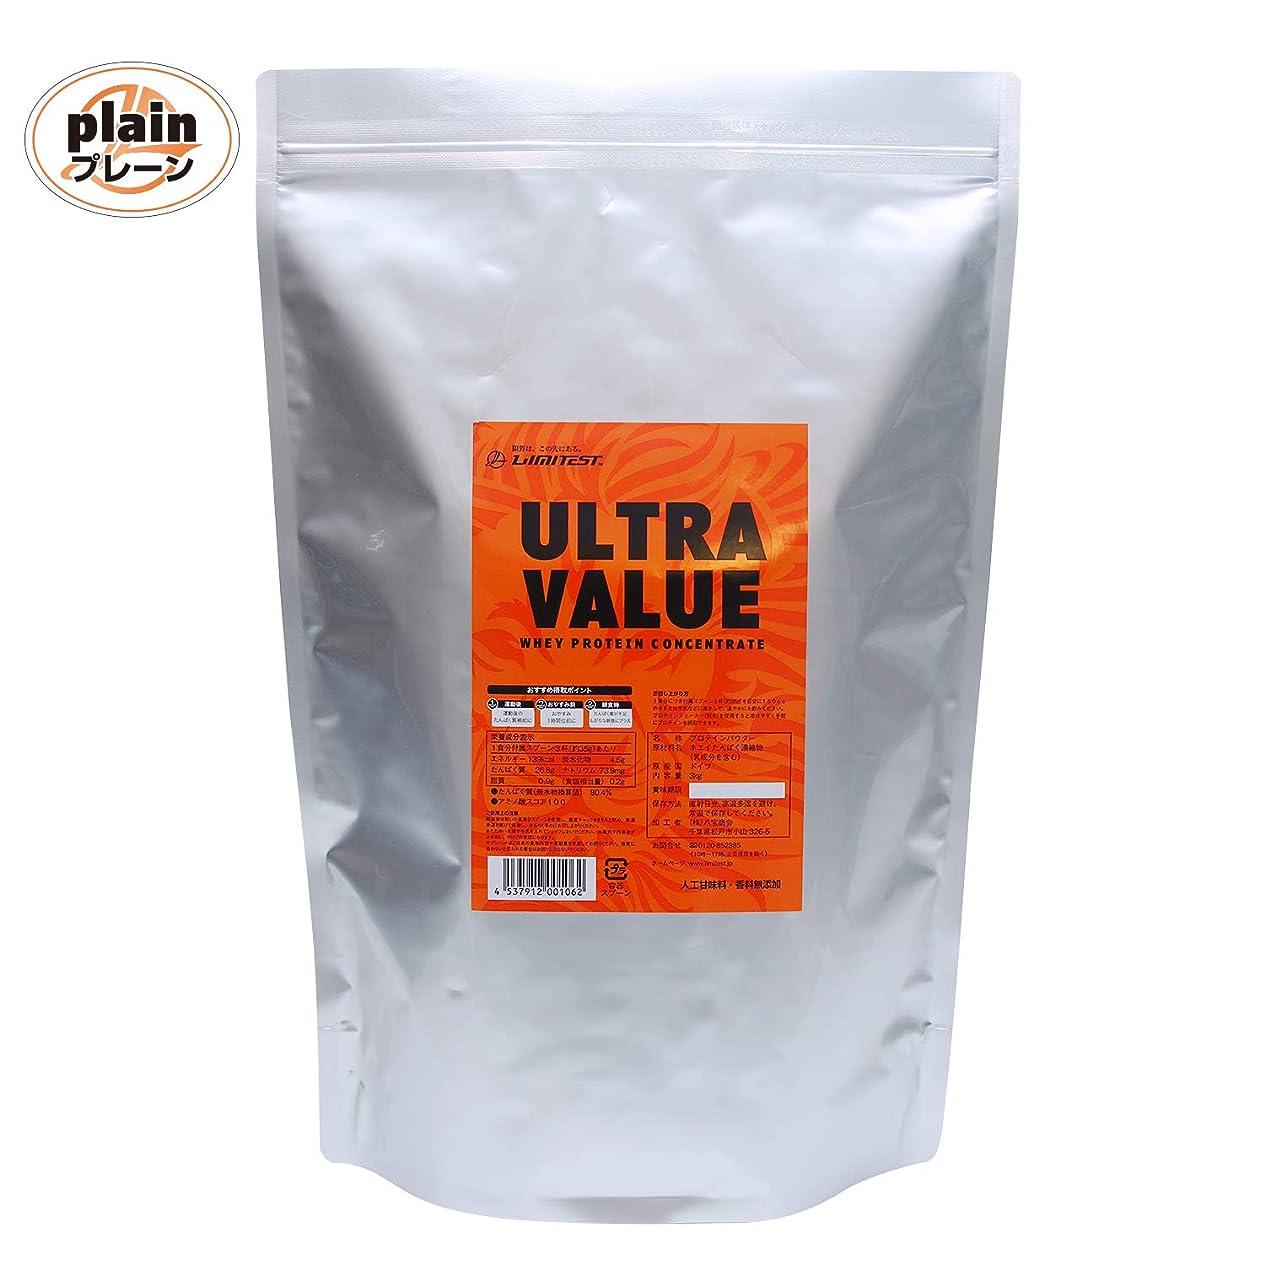 ピンチ口径世界記録のギネスブックリミテスト 無添加 ホエイプロテイン ULTRA VALUE (ウルトラバリュー) 3kg(約86食分) プレーン (LIMITEST 国内製造)